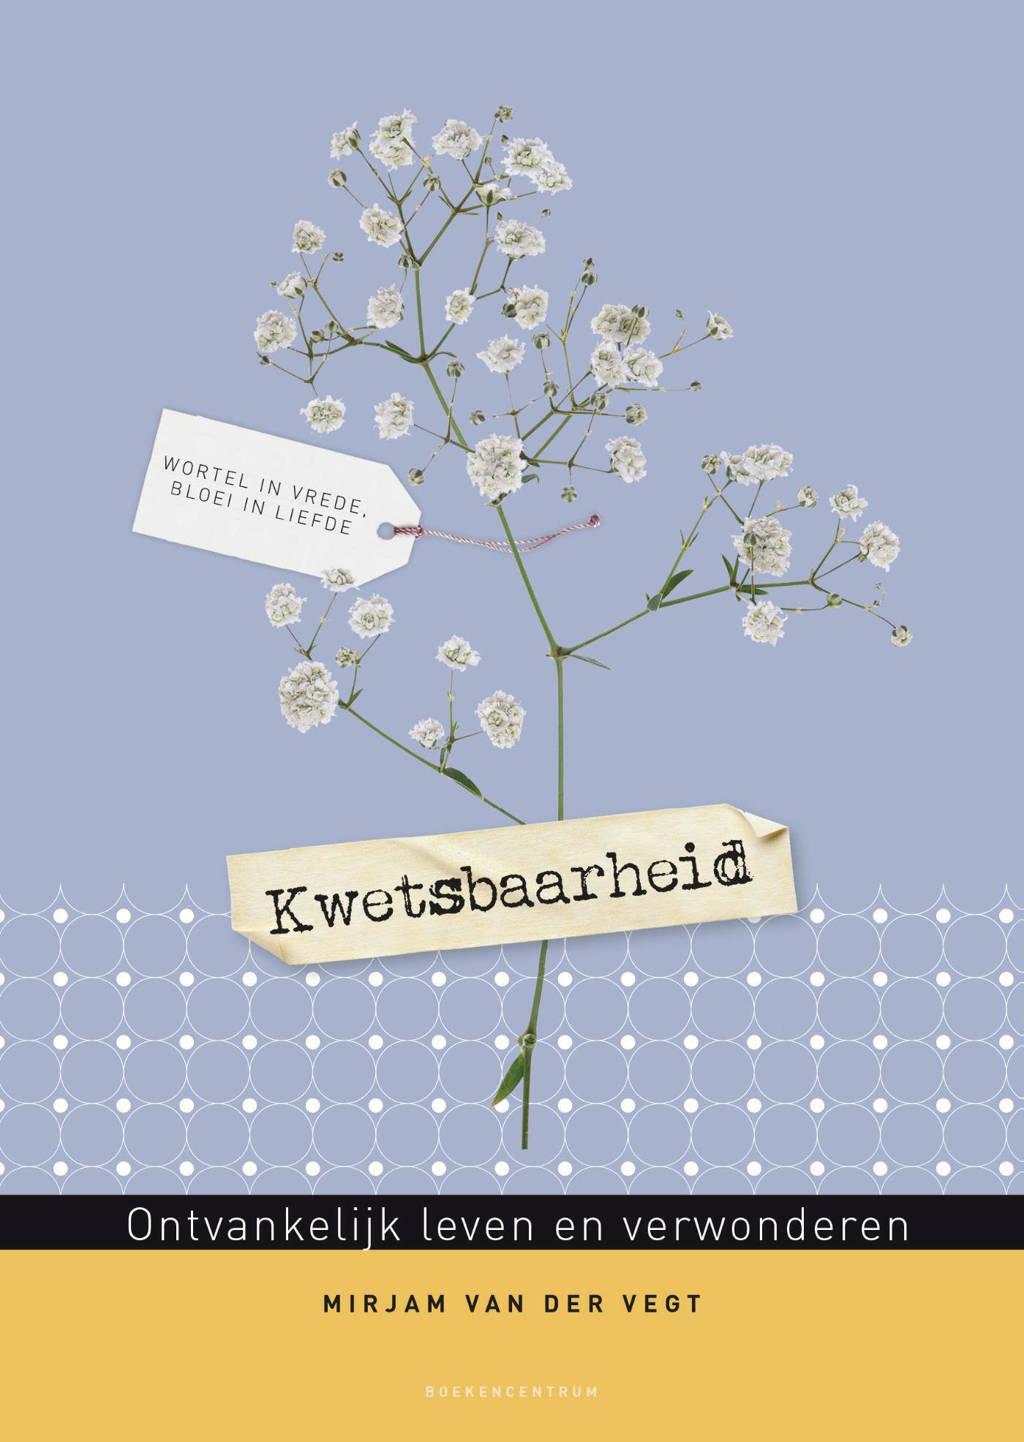 Adem de dag: Kwetsbaarheid (5 ex.) - Mirjam van der Vegt